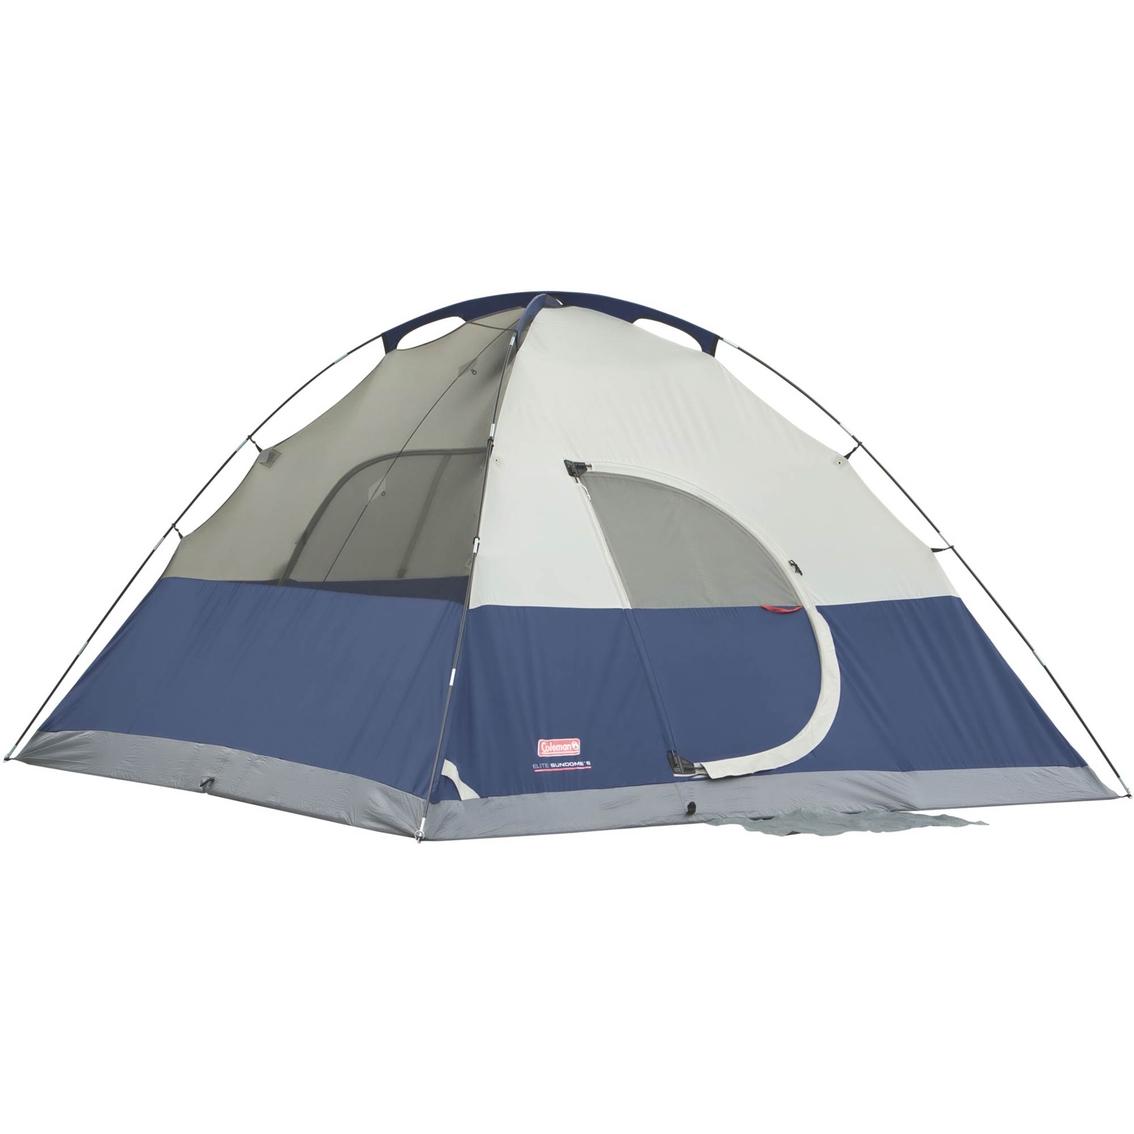 Coleman Elite Sundome 6-Person Lighted Tent  sc 1 st  Exchange & Coleman Elite Sundome 6-person Lighted Tent   Coleman   Shop The ...